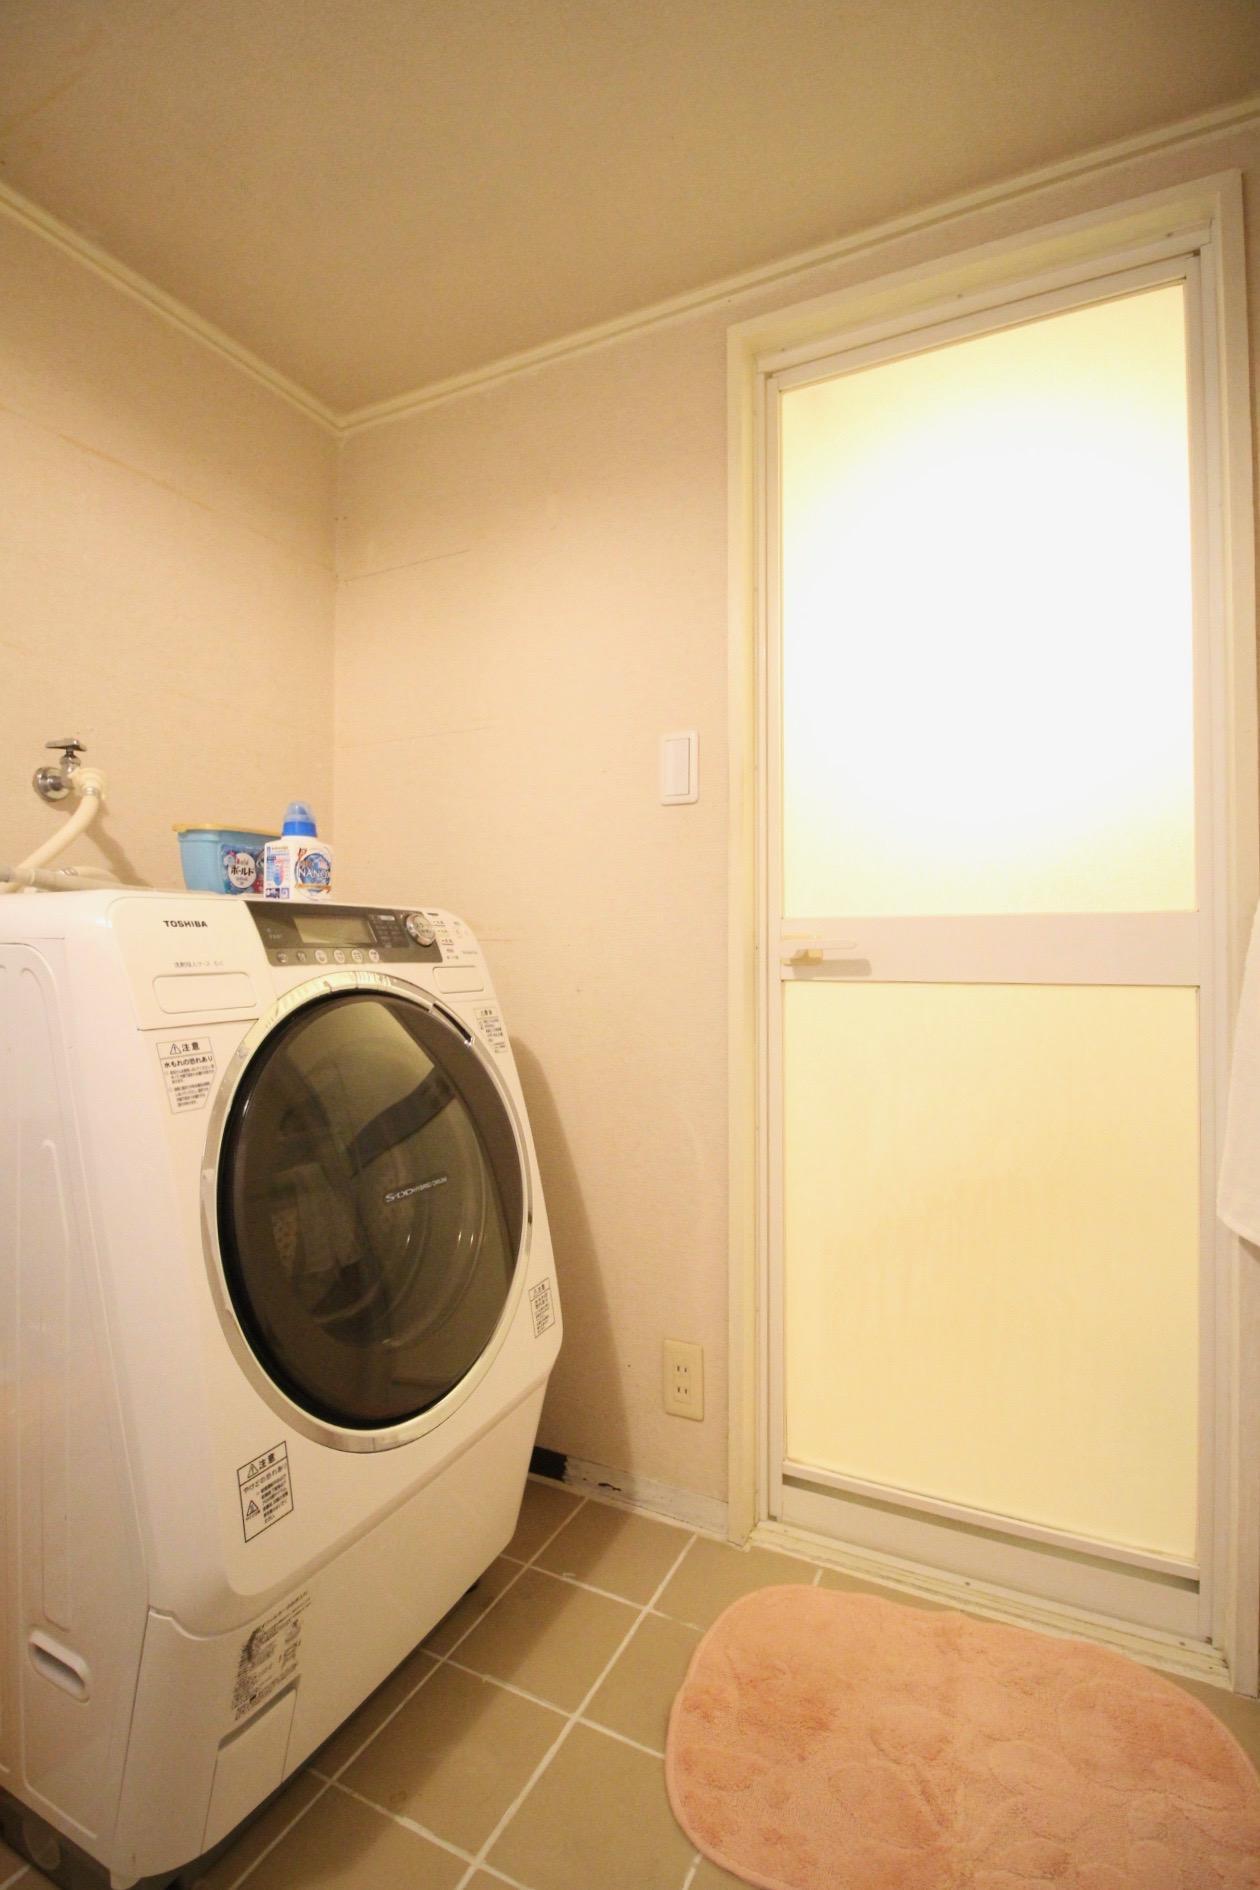 もれなくドラム式洗濯機、ついてます